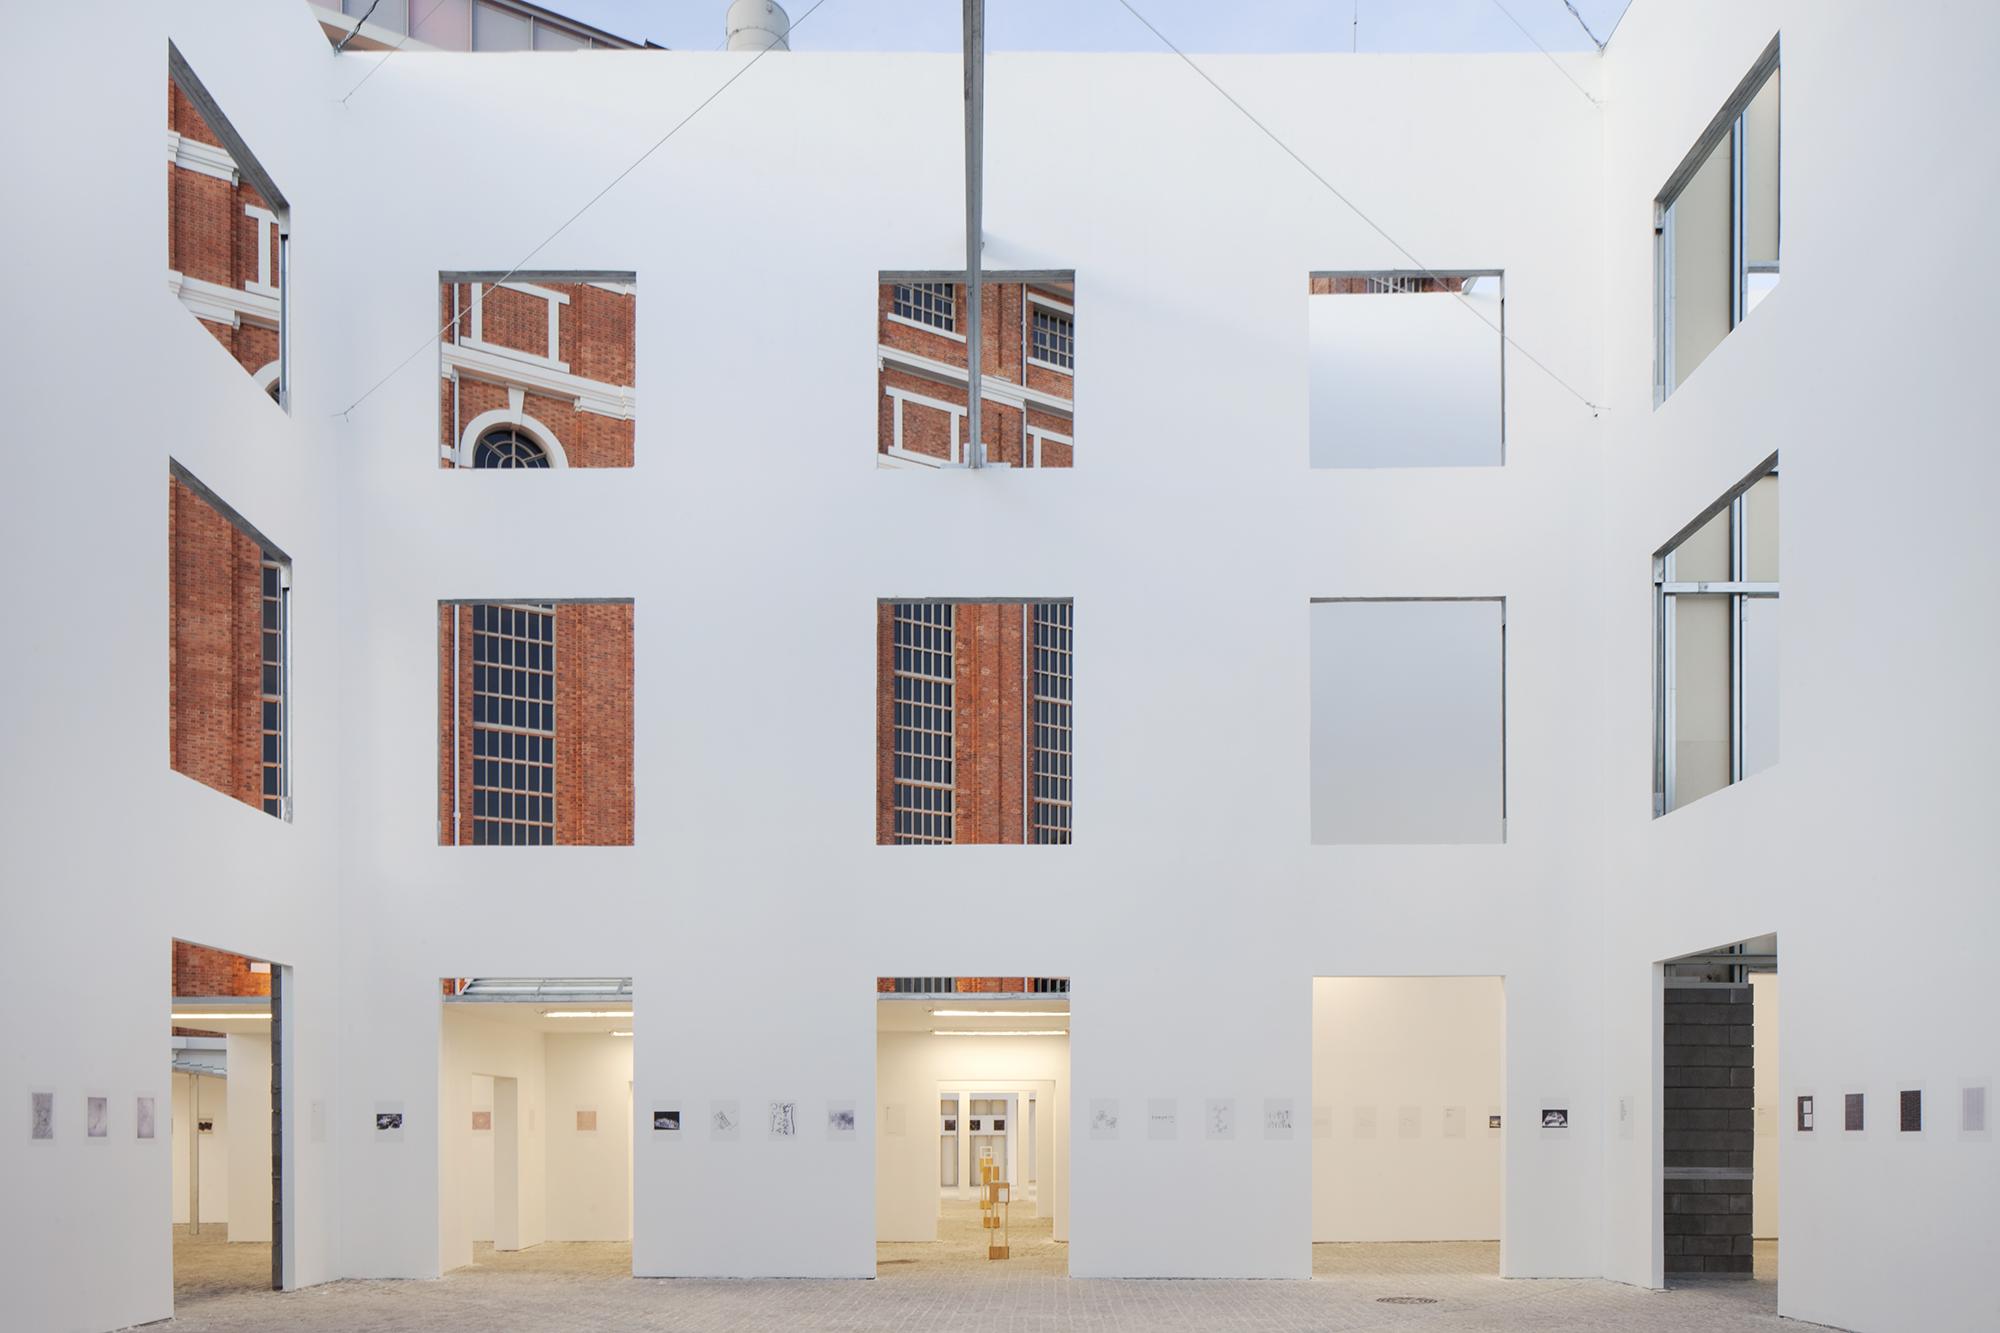 Exposição, A Forma da Forma, curadoria de Diogo Seixas Lopes, MAAT © Tiago Casanova